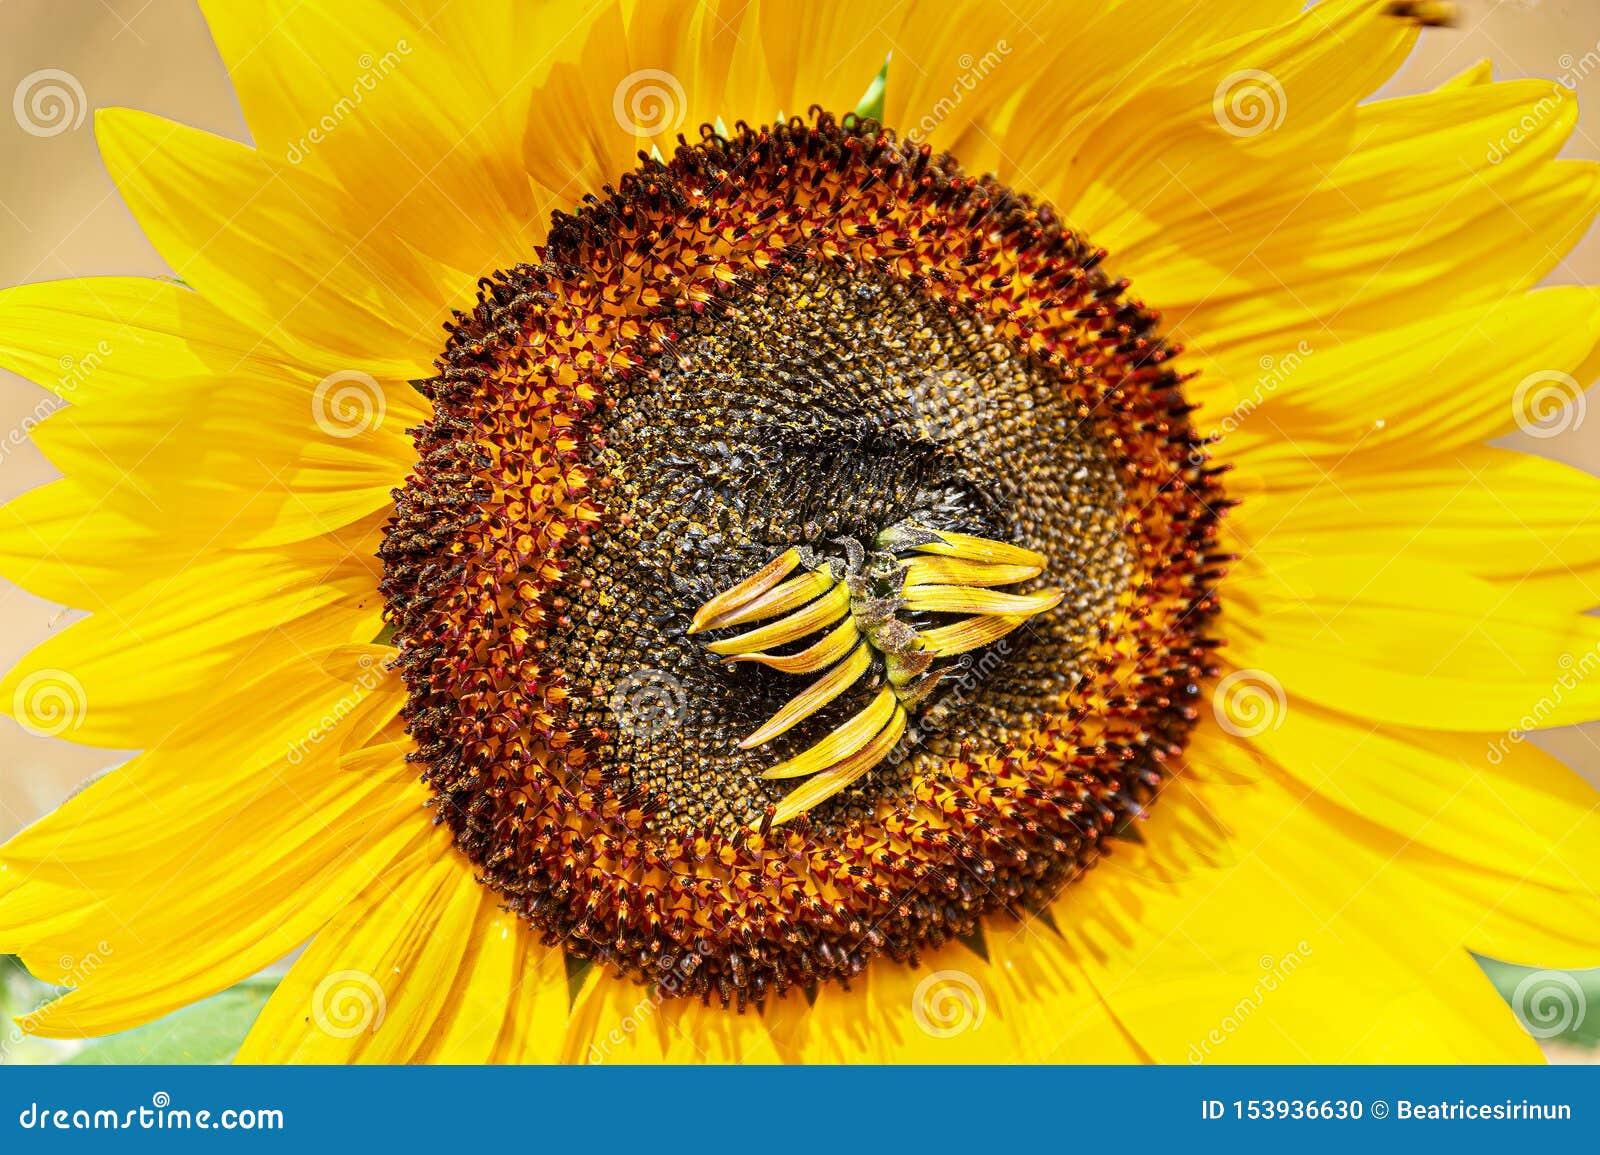 Słonecznik w słońcu z suszy w górę florets